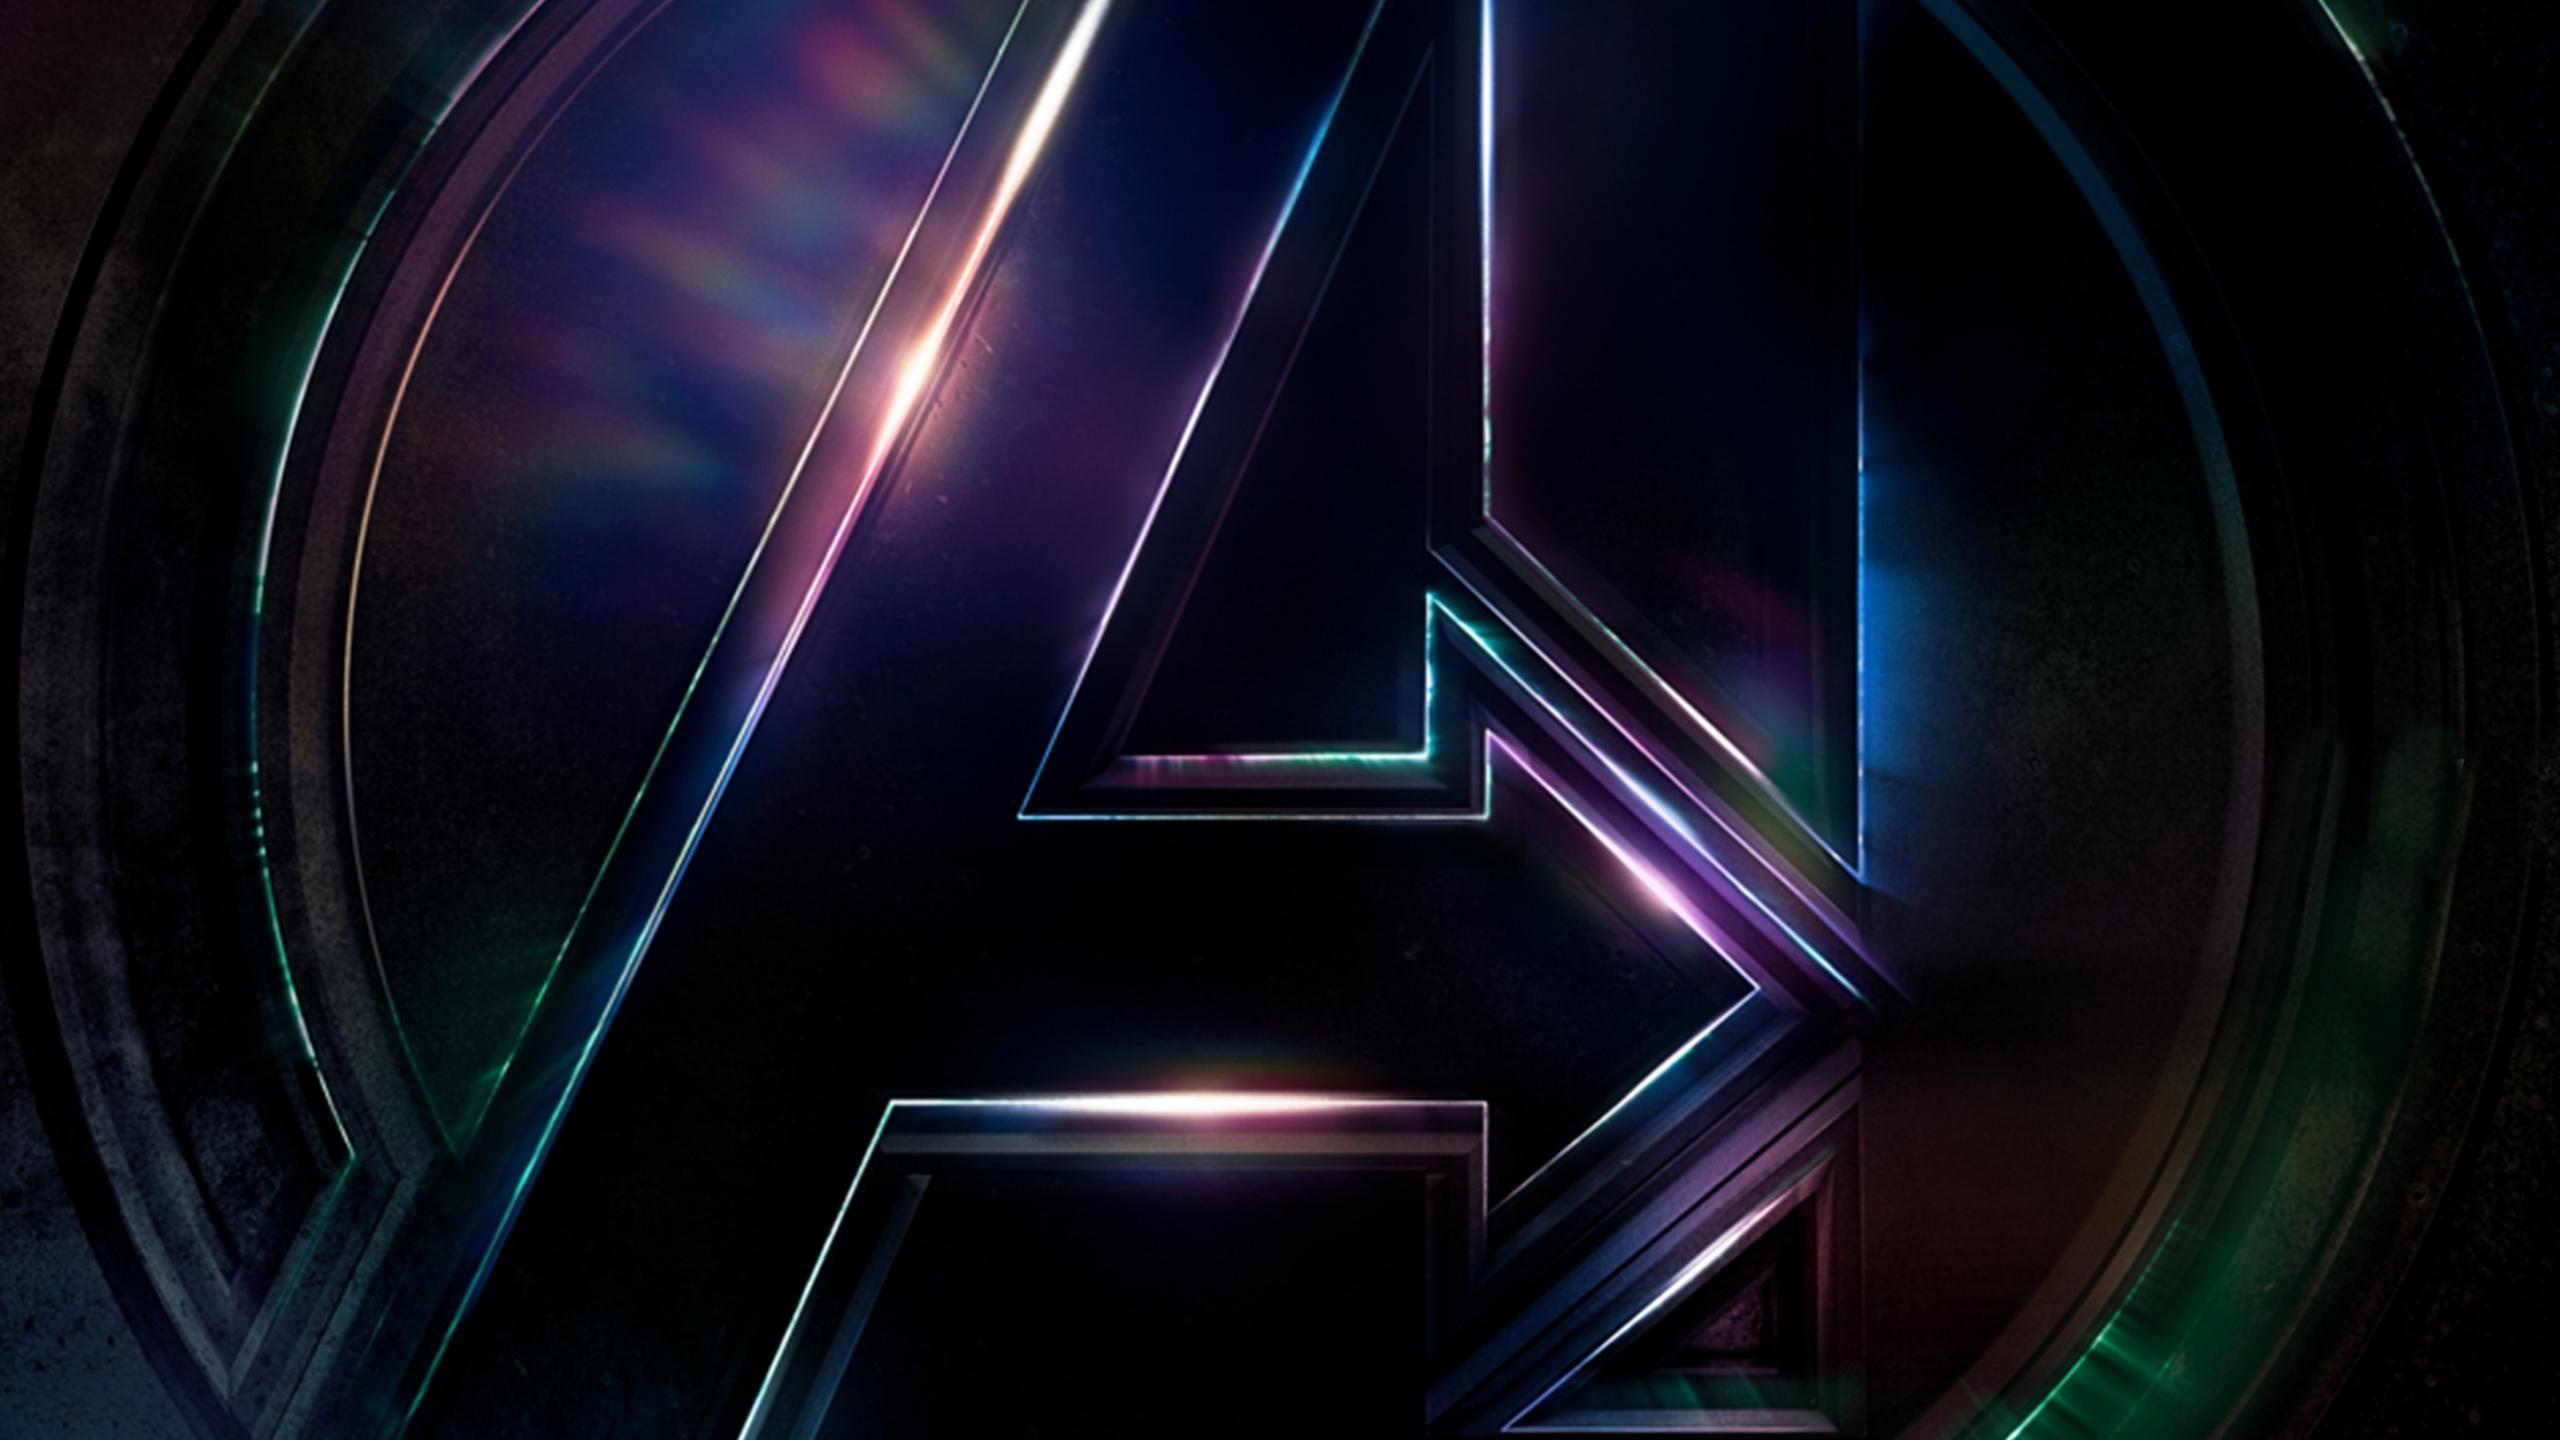 Download 2560x1440 wallpaper avengers infinity war 2018 - Avengers a logo 4k ...